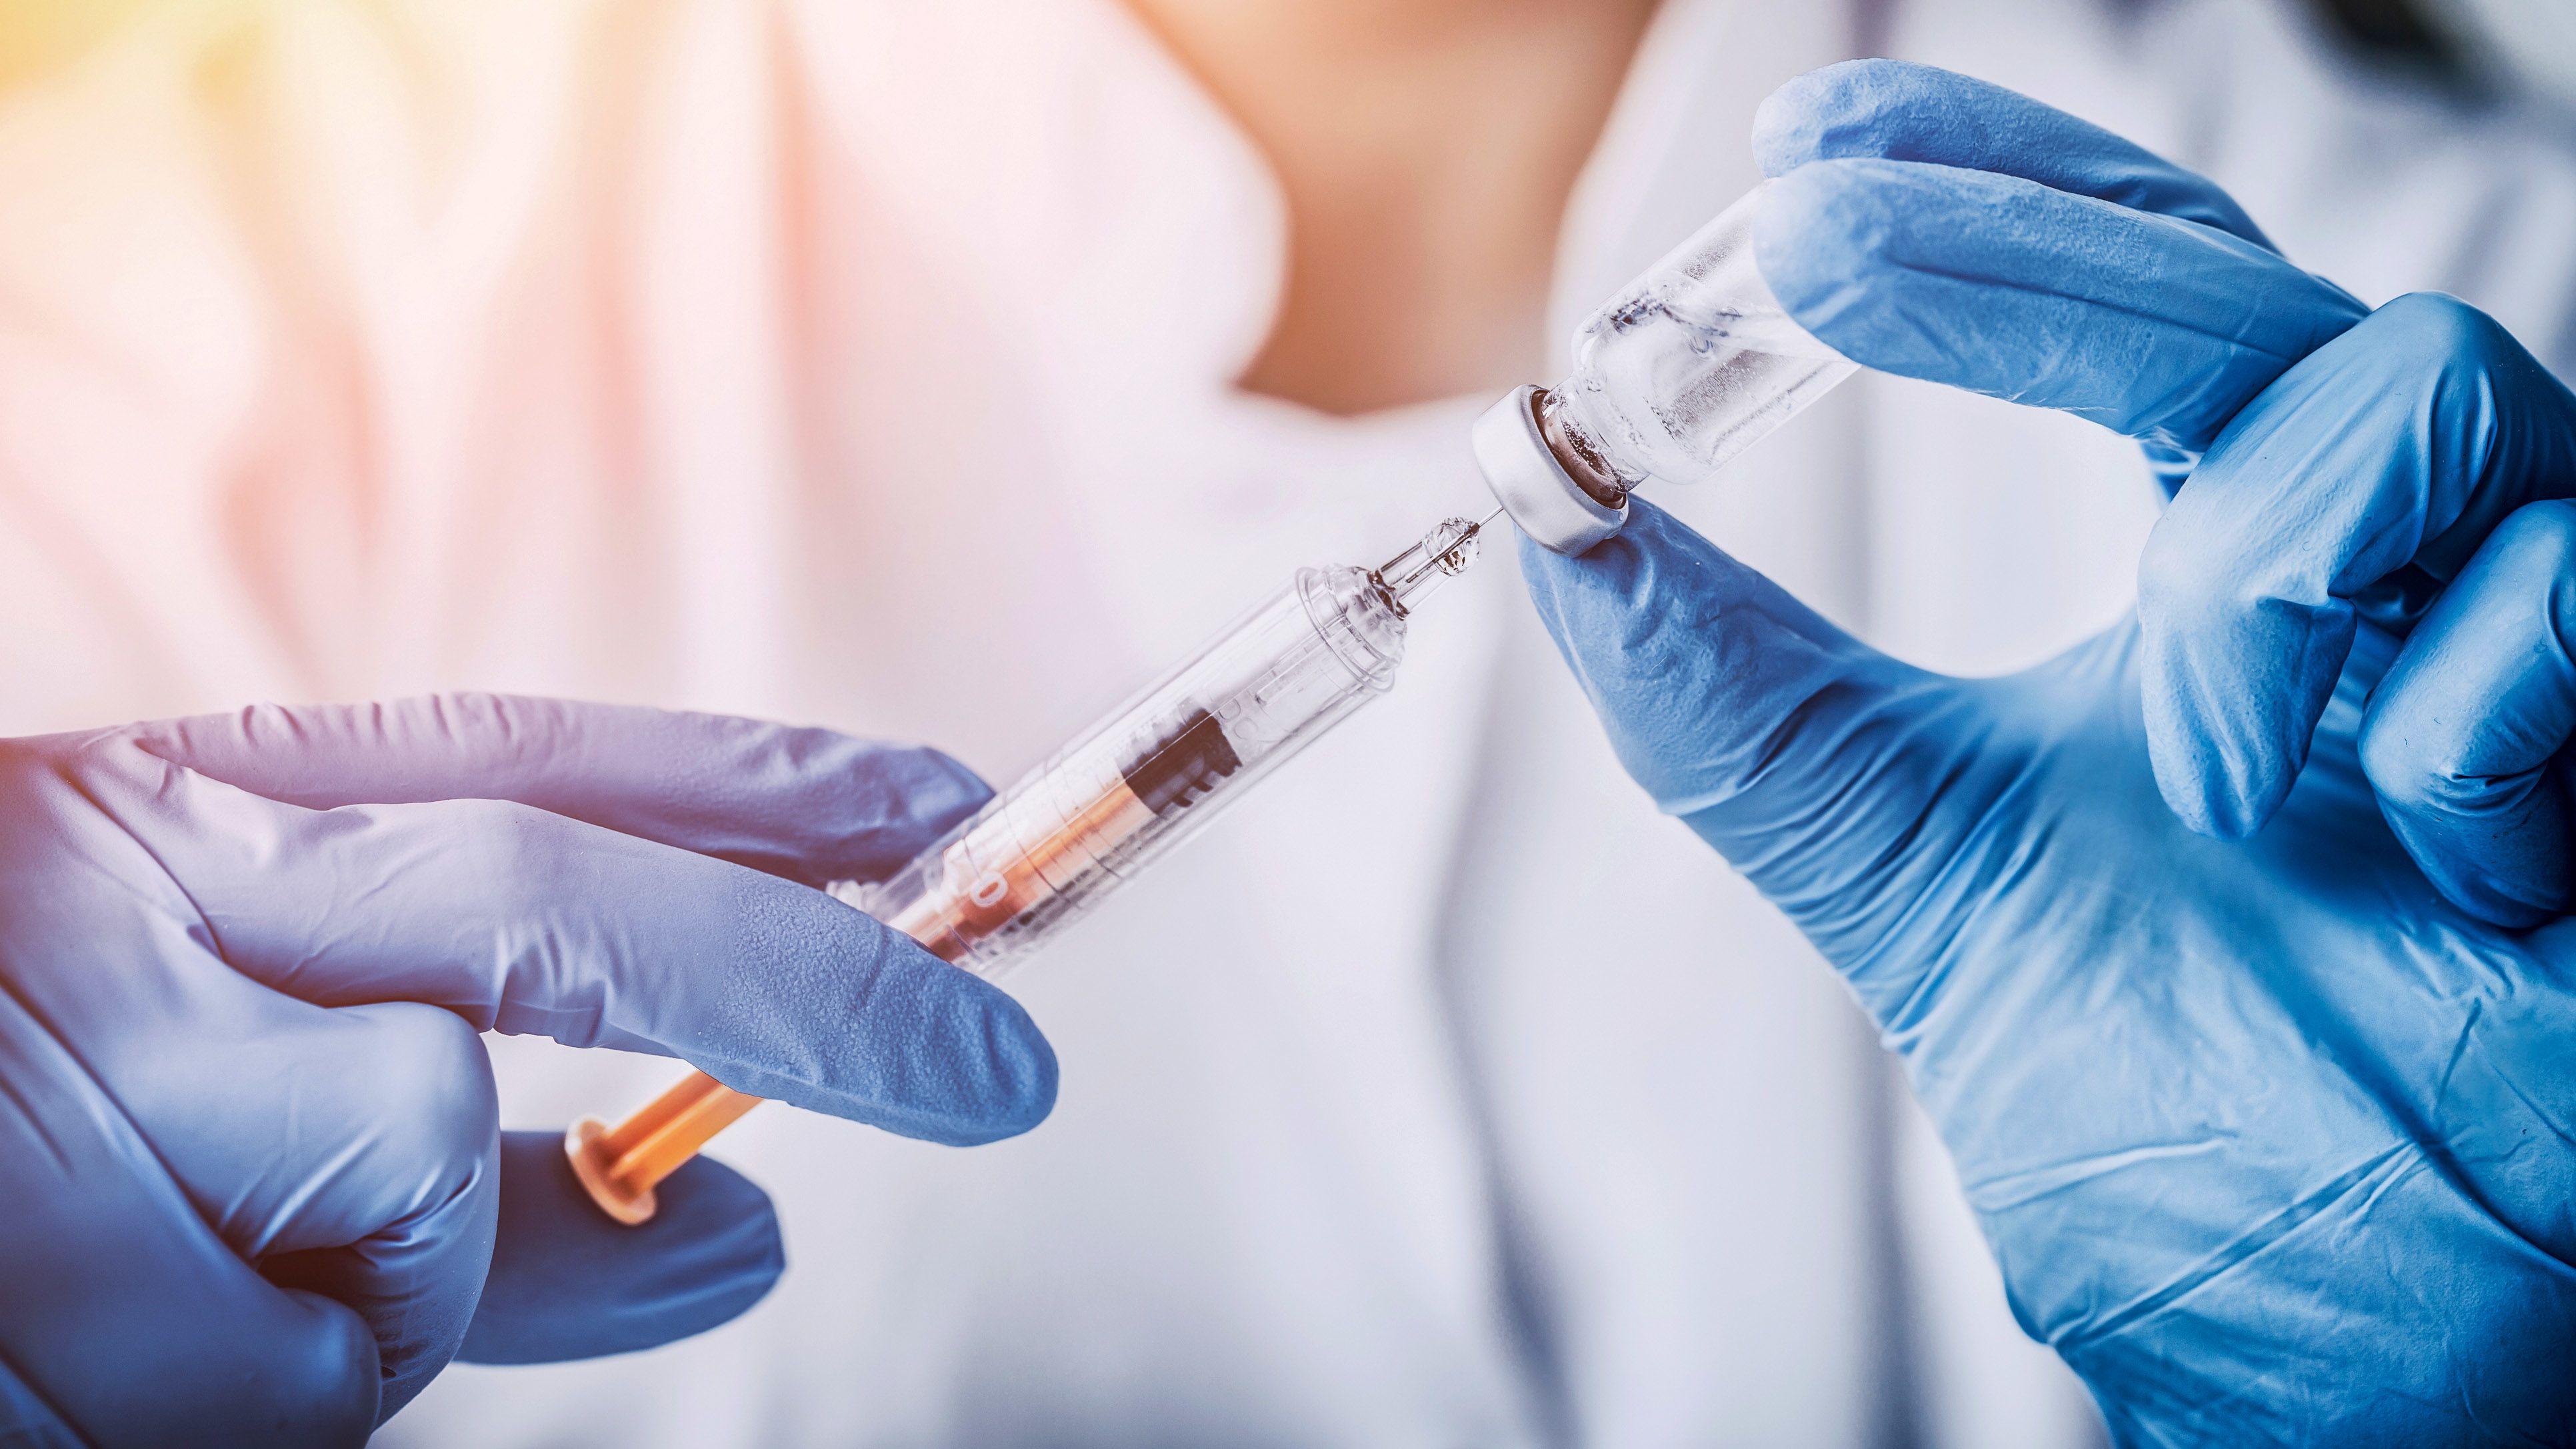 hpv vakcina hosszú távú mellékhatások férfi az emberi test méregtelenítése